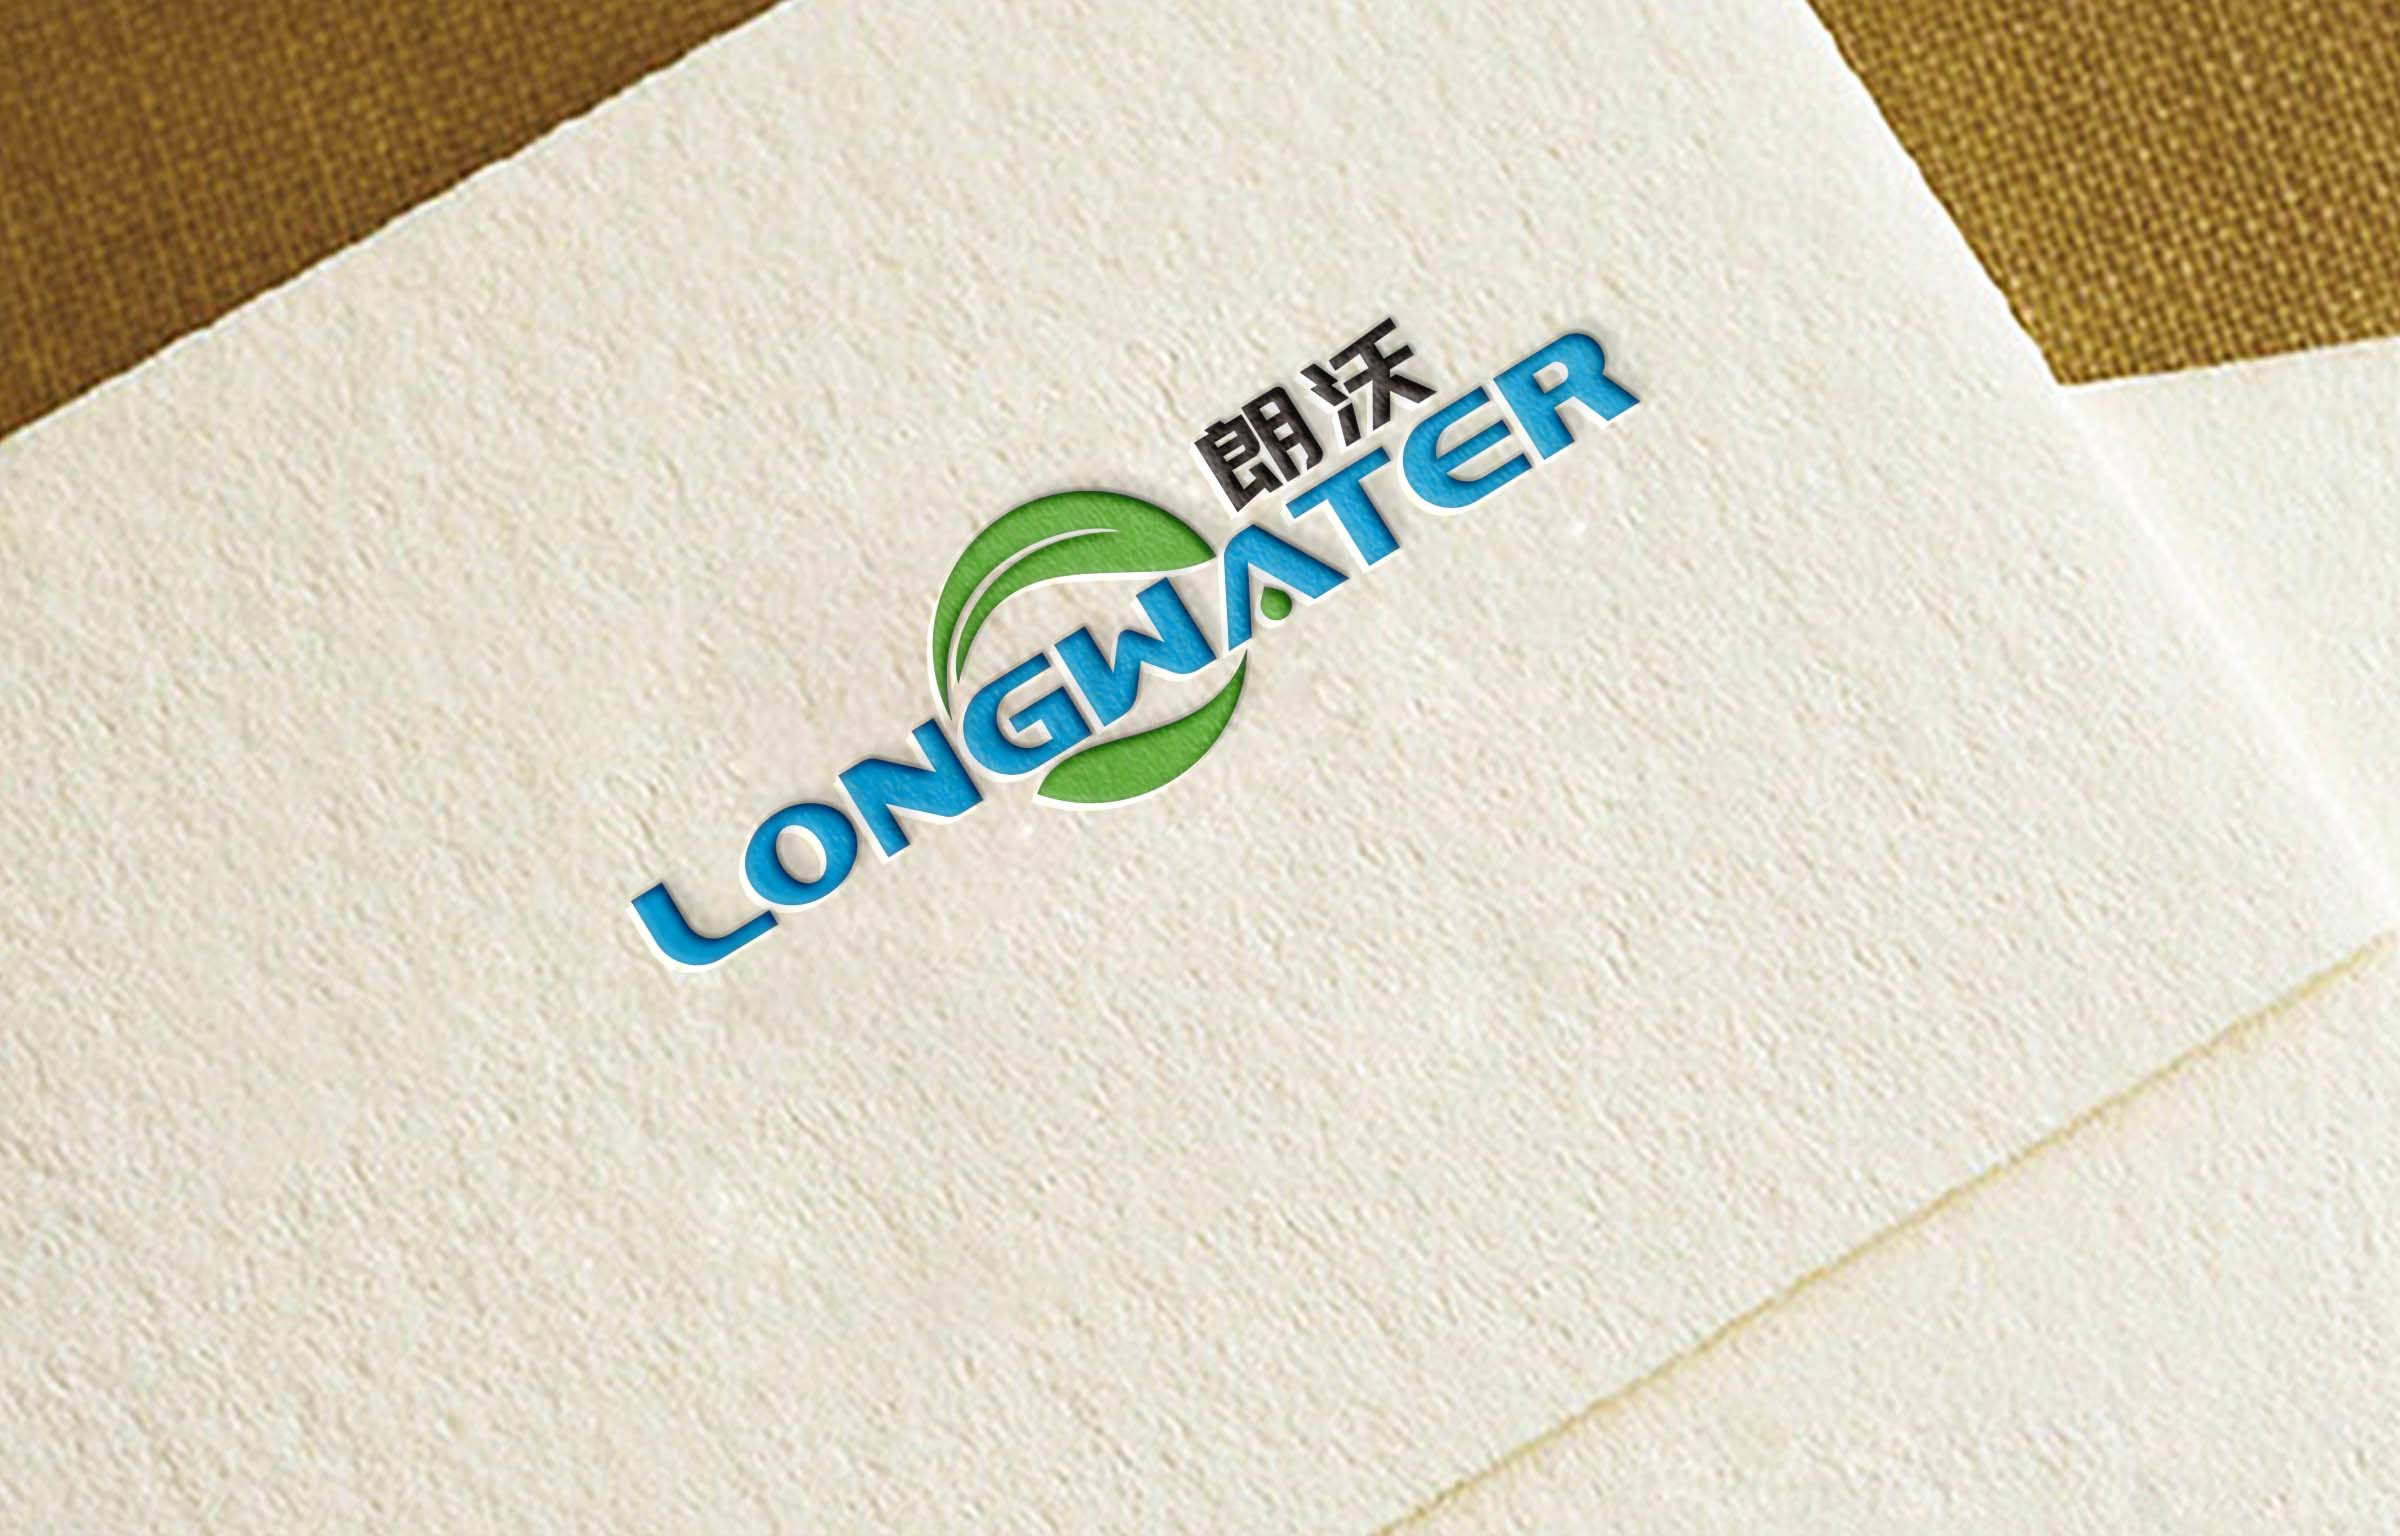 某环保科技有限公司logo商标设计_2961180_k68威客网